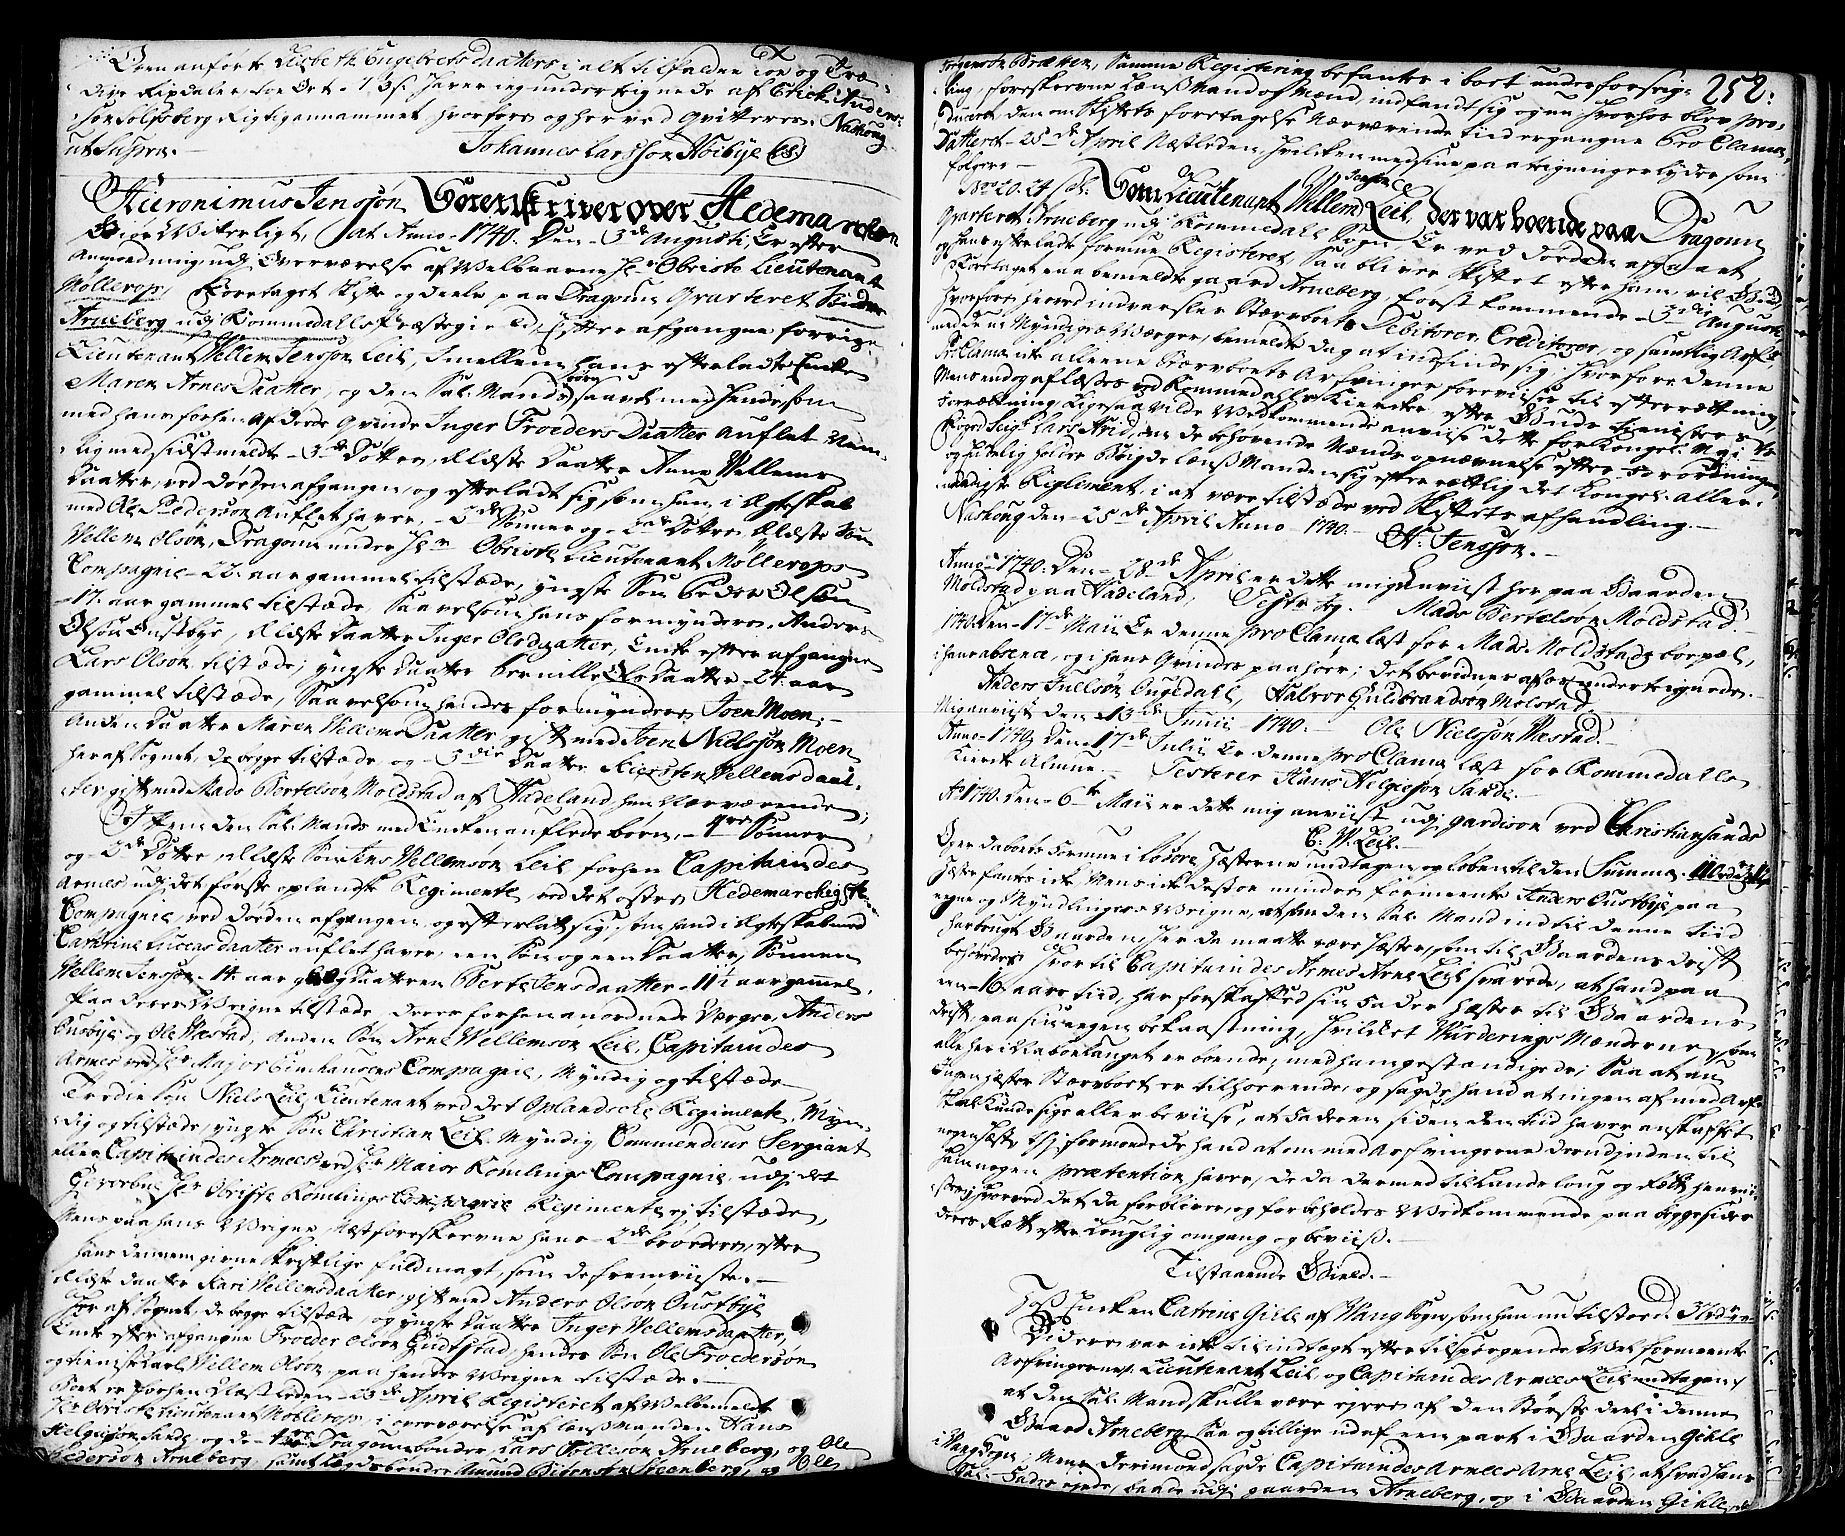 SAH, Hedemarken sorenskriveri, J/Ja/L0011: Skifteprotokoll, 1736-1743, s. 251b-252a